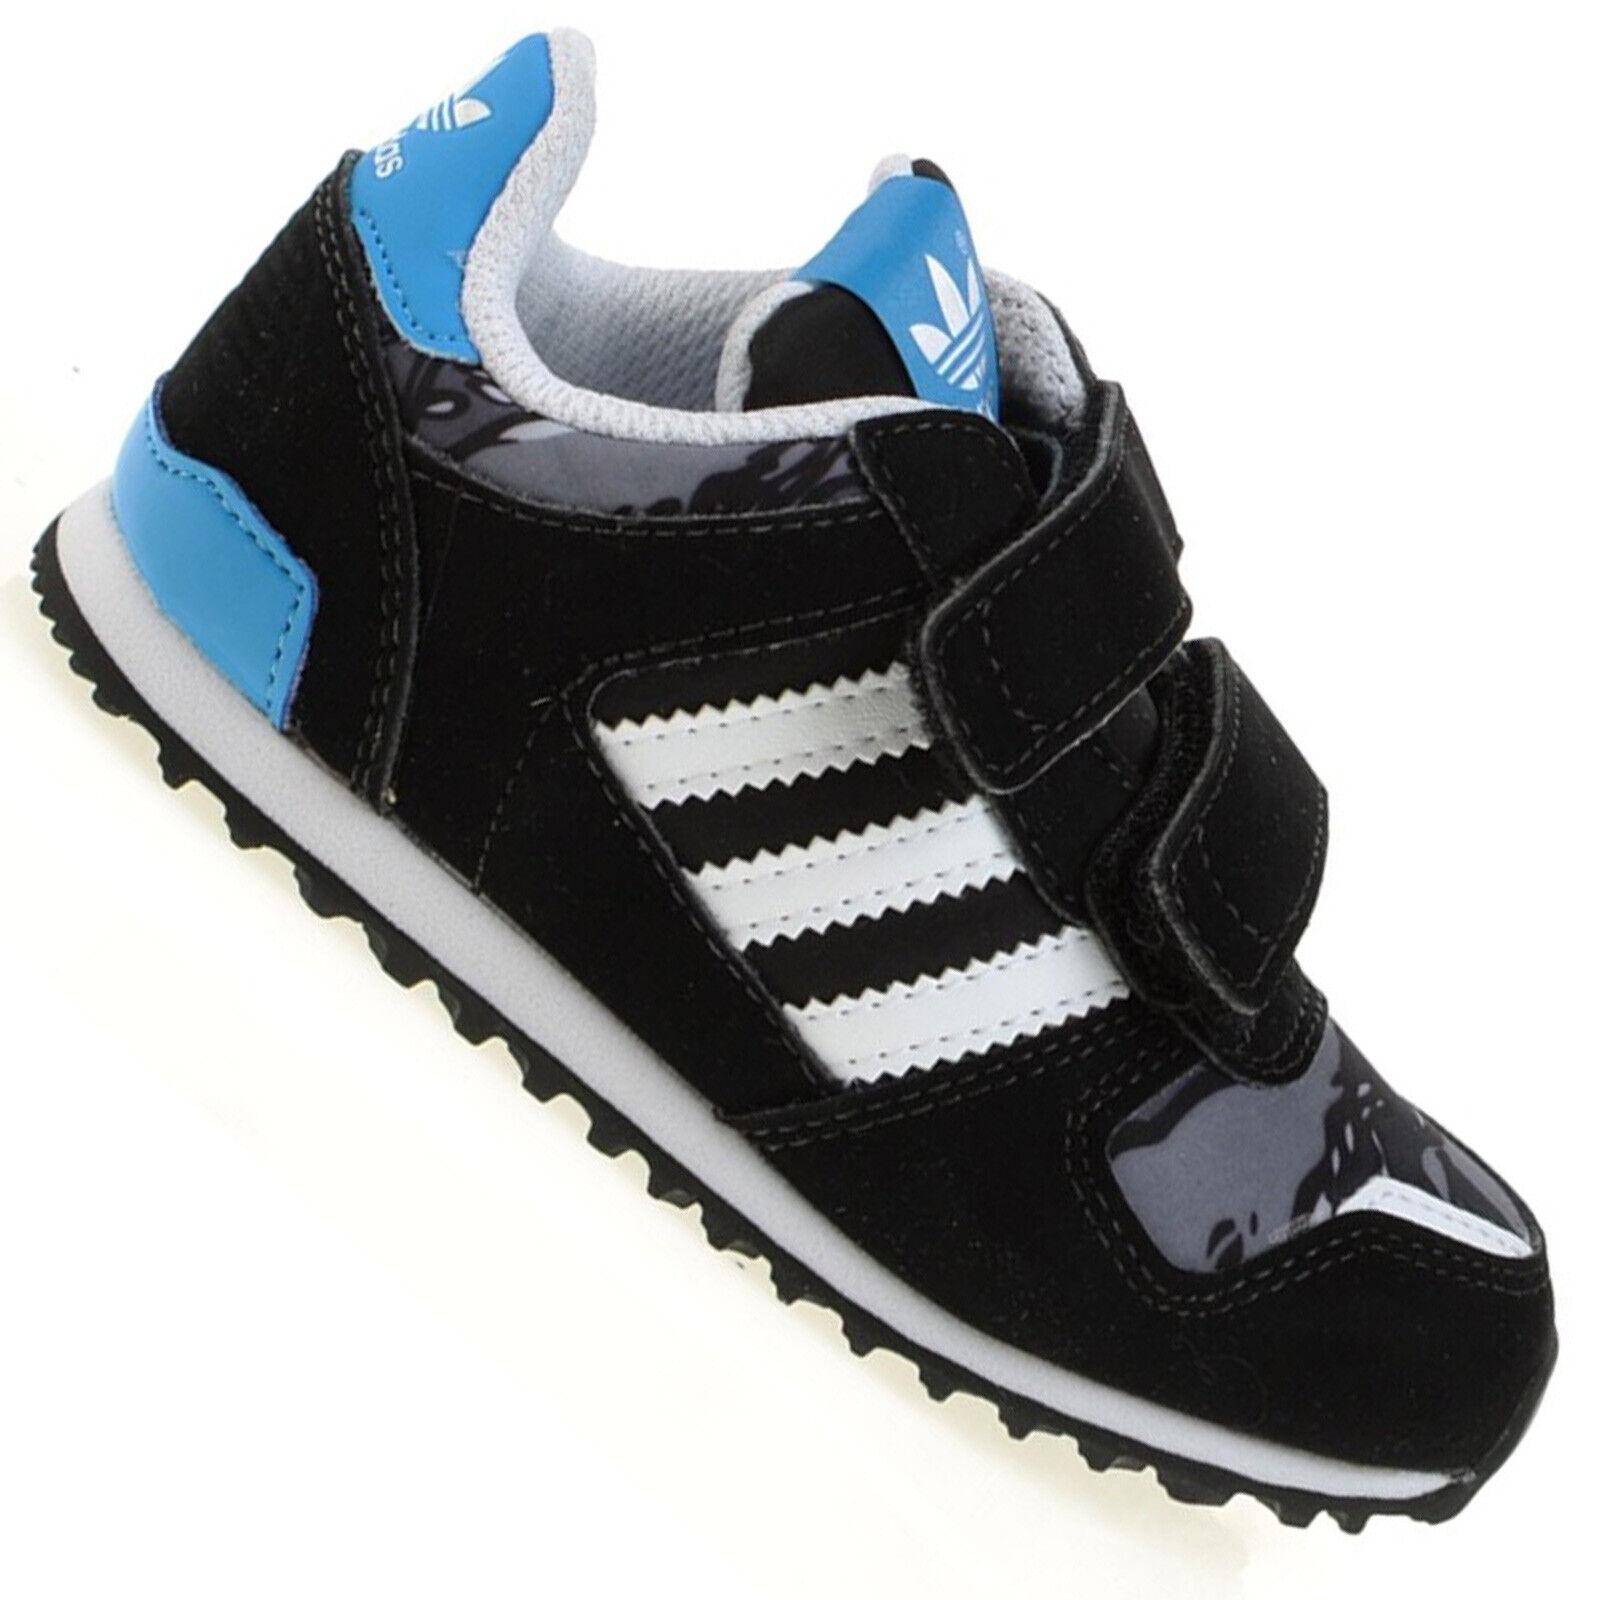 Kinderschuhe Adidas Grösse 23 Test Vergleich +++